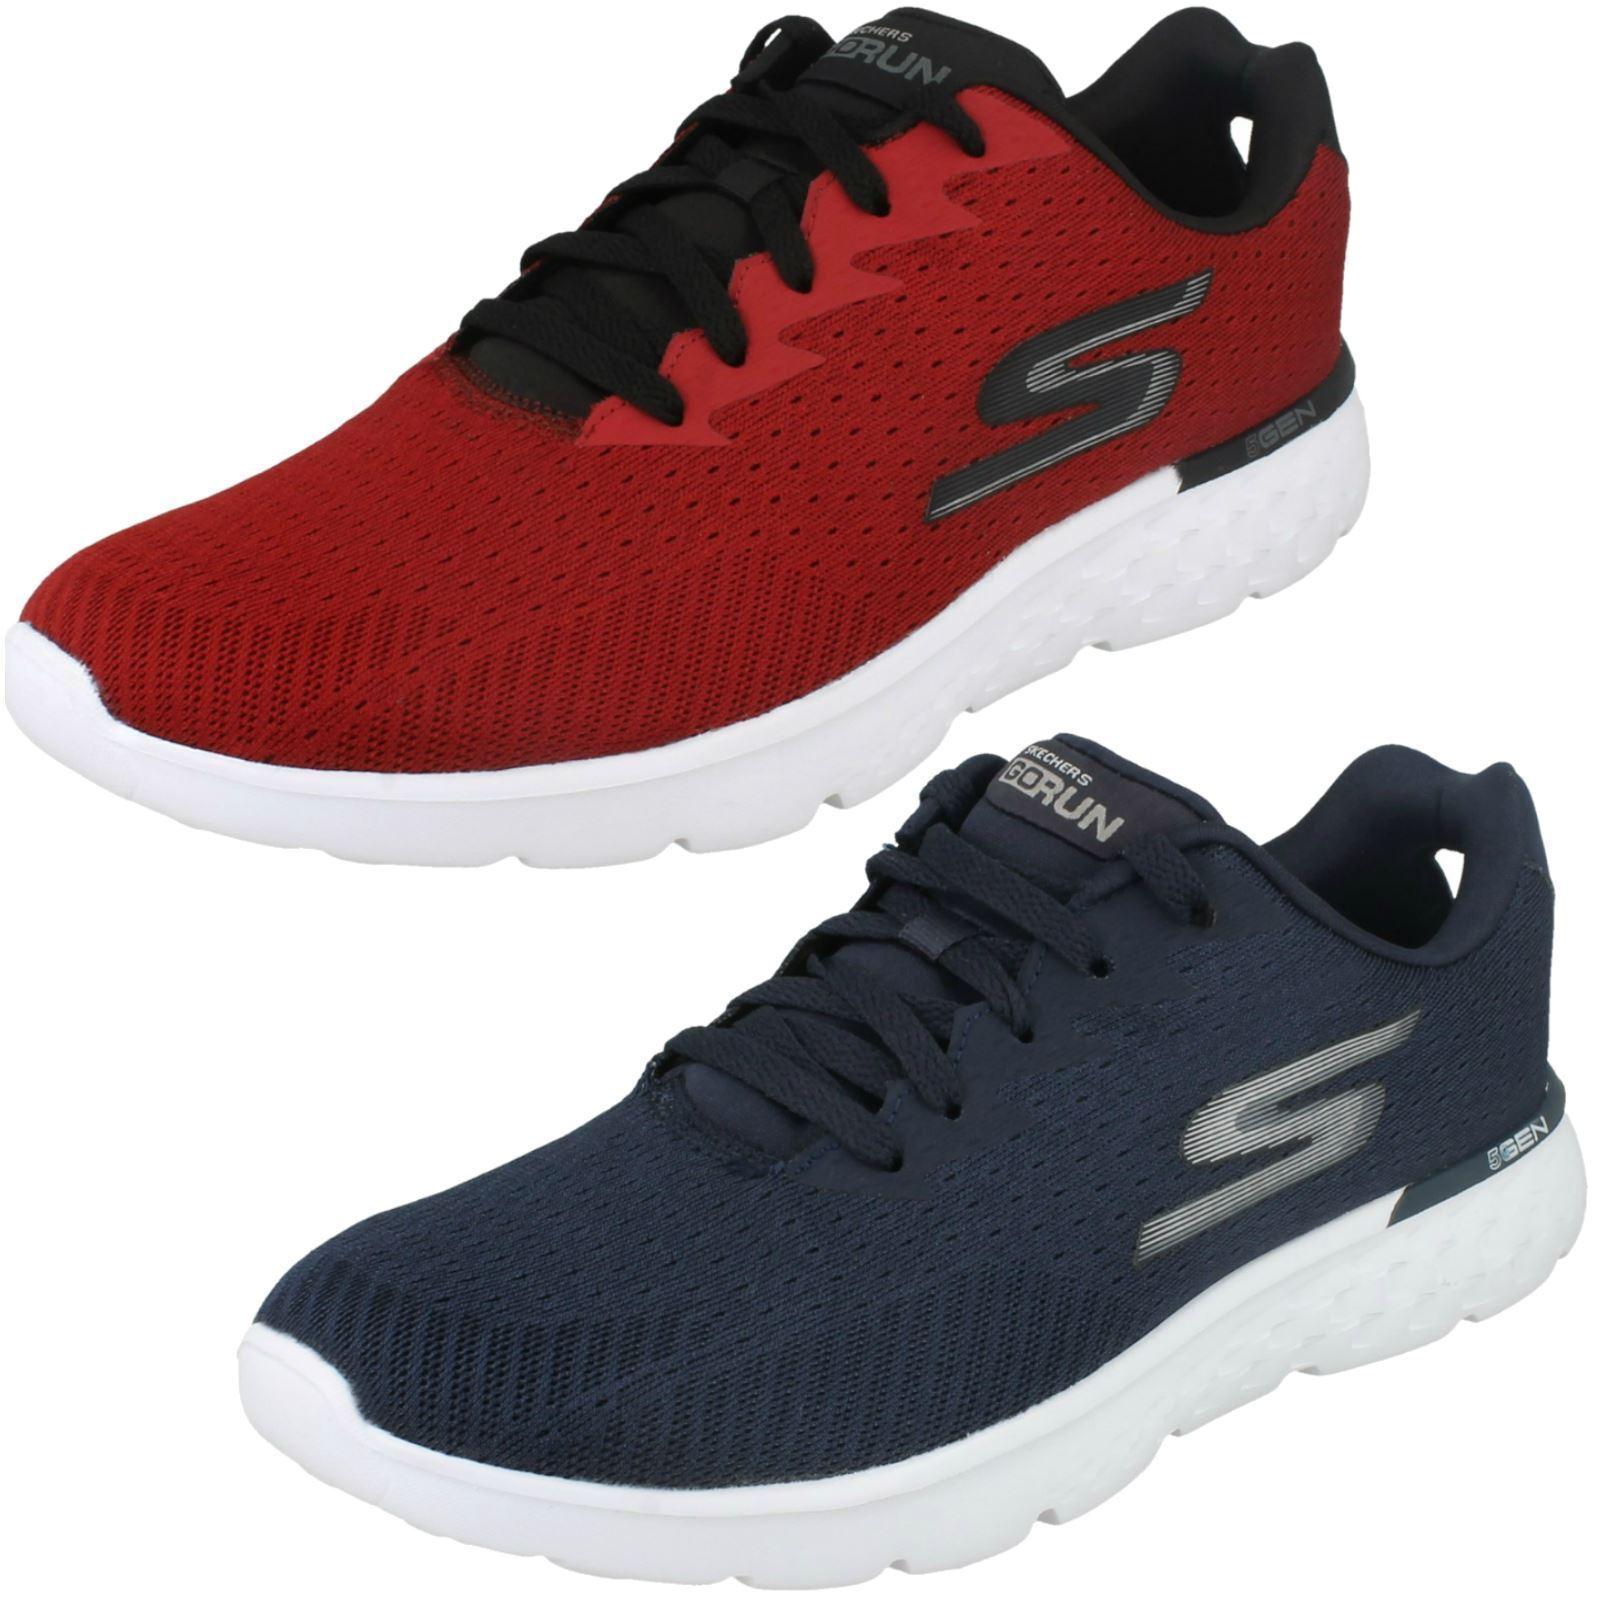 Para Hombre Correr 400 SKECHERS GO 54354 Casual Deportivos Malla GENERATE Tenis Zapato